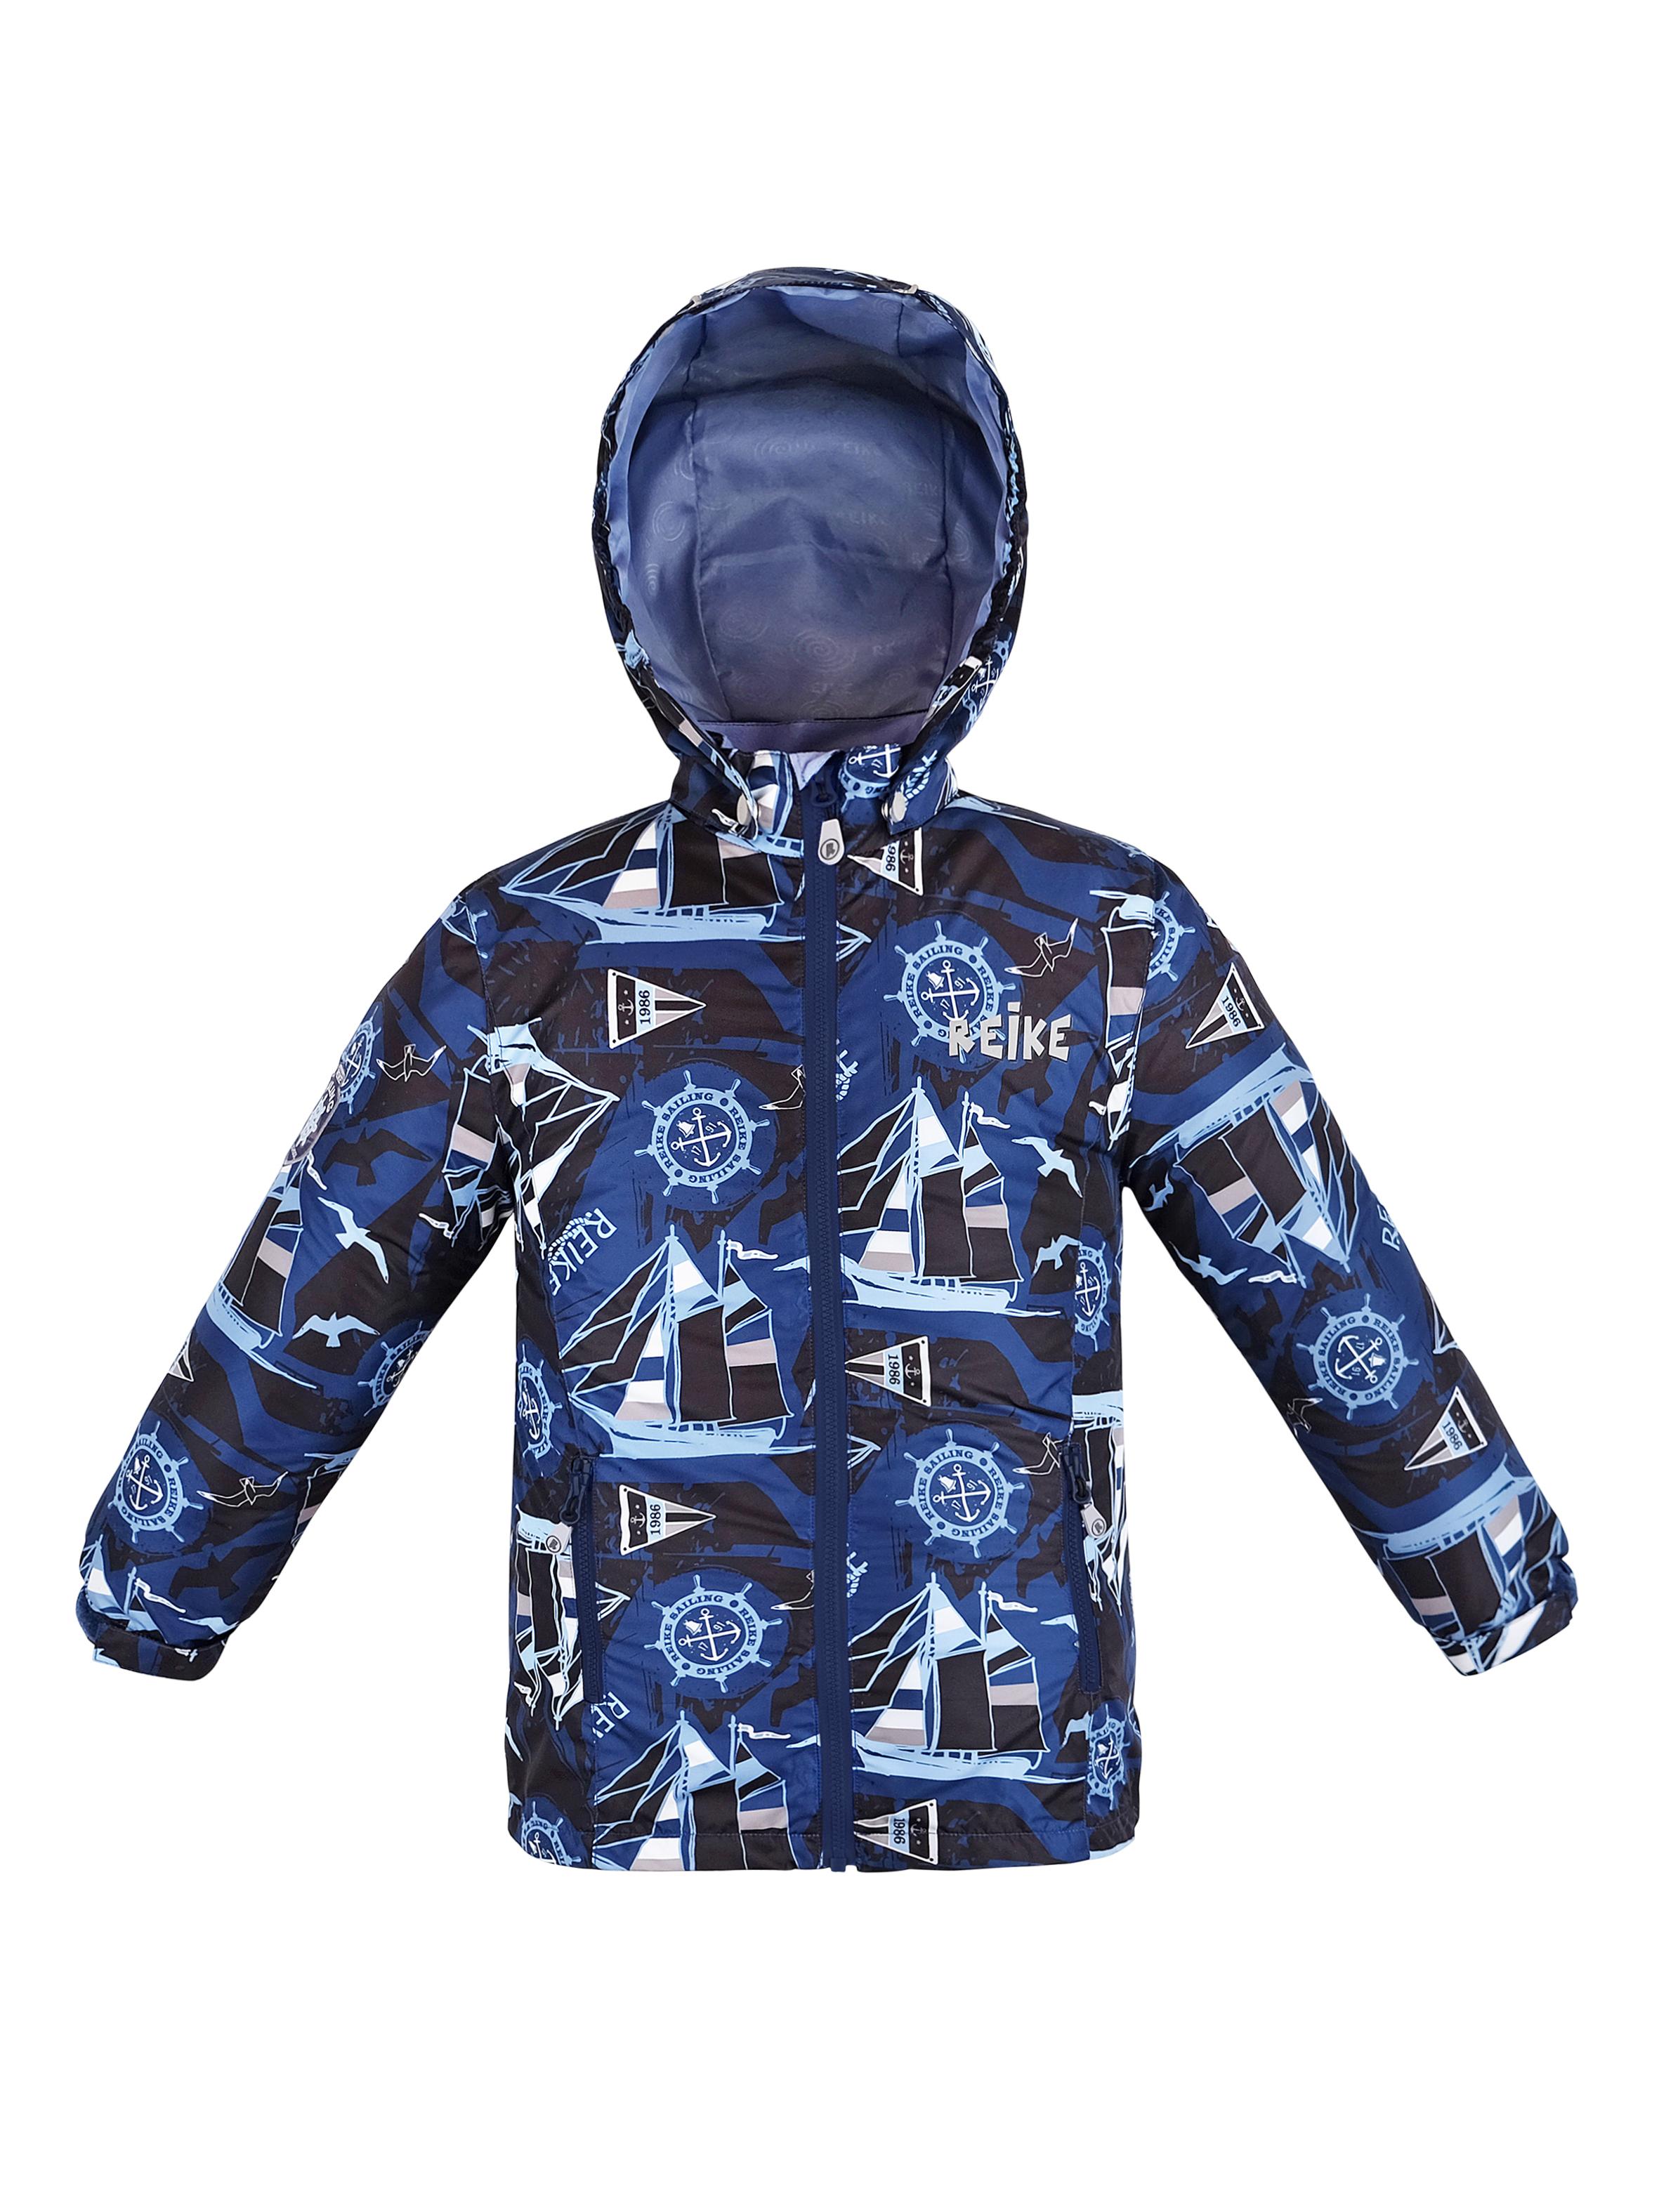 Куртка для мальчика Reike Sailing navy р.152